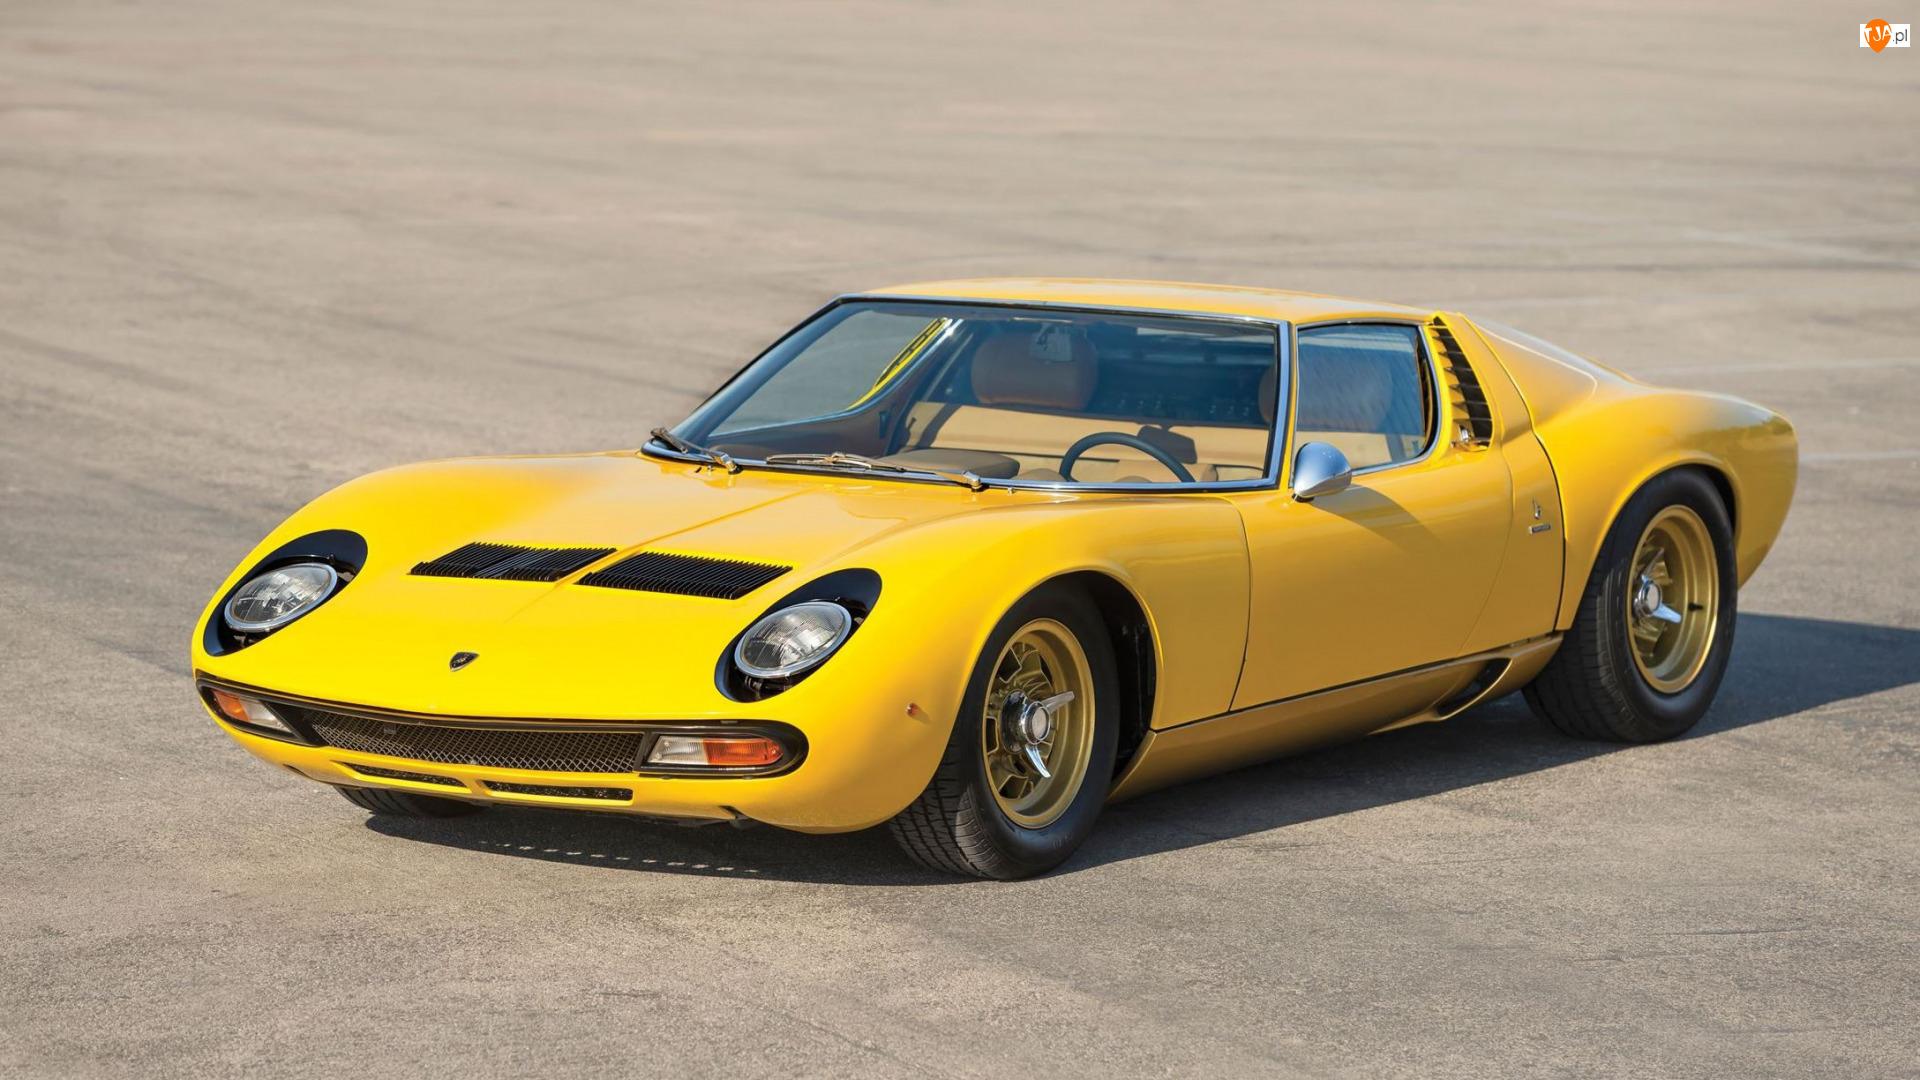 1971, Żółte, Zabytkowe, Lamborghini Miura P400 SV